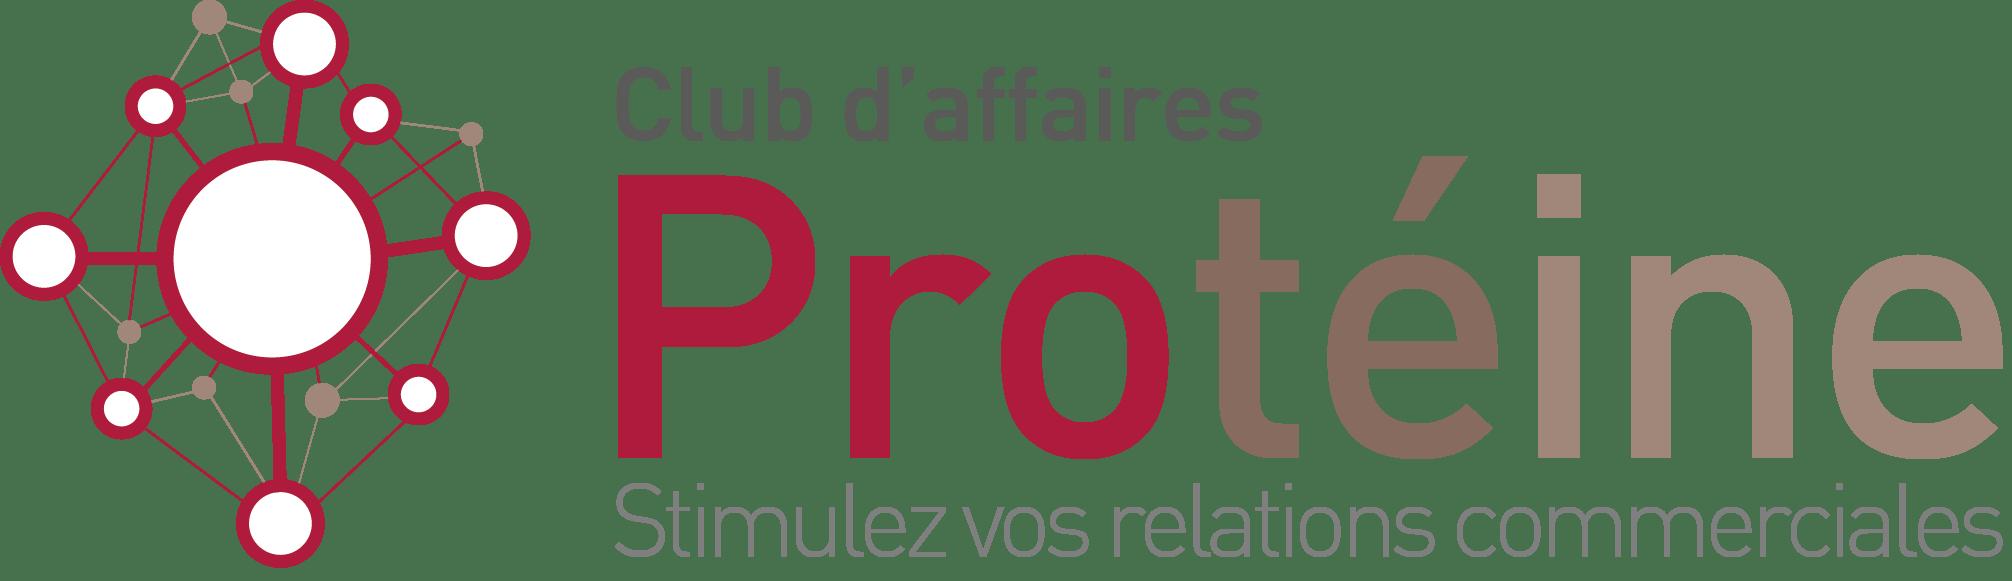 Proteine Vf